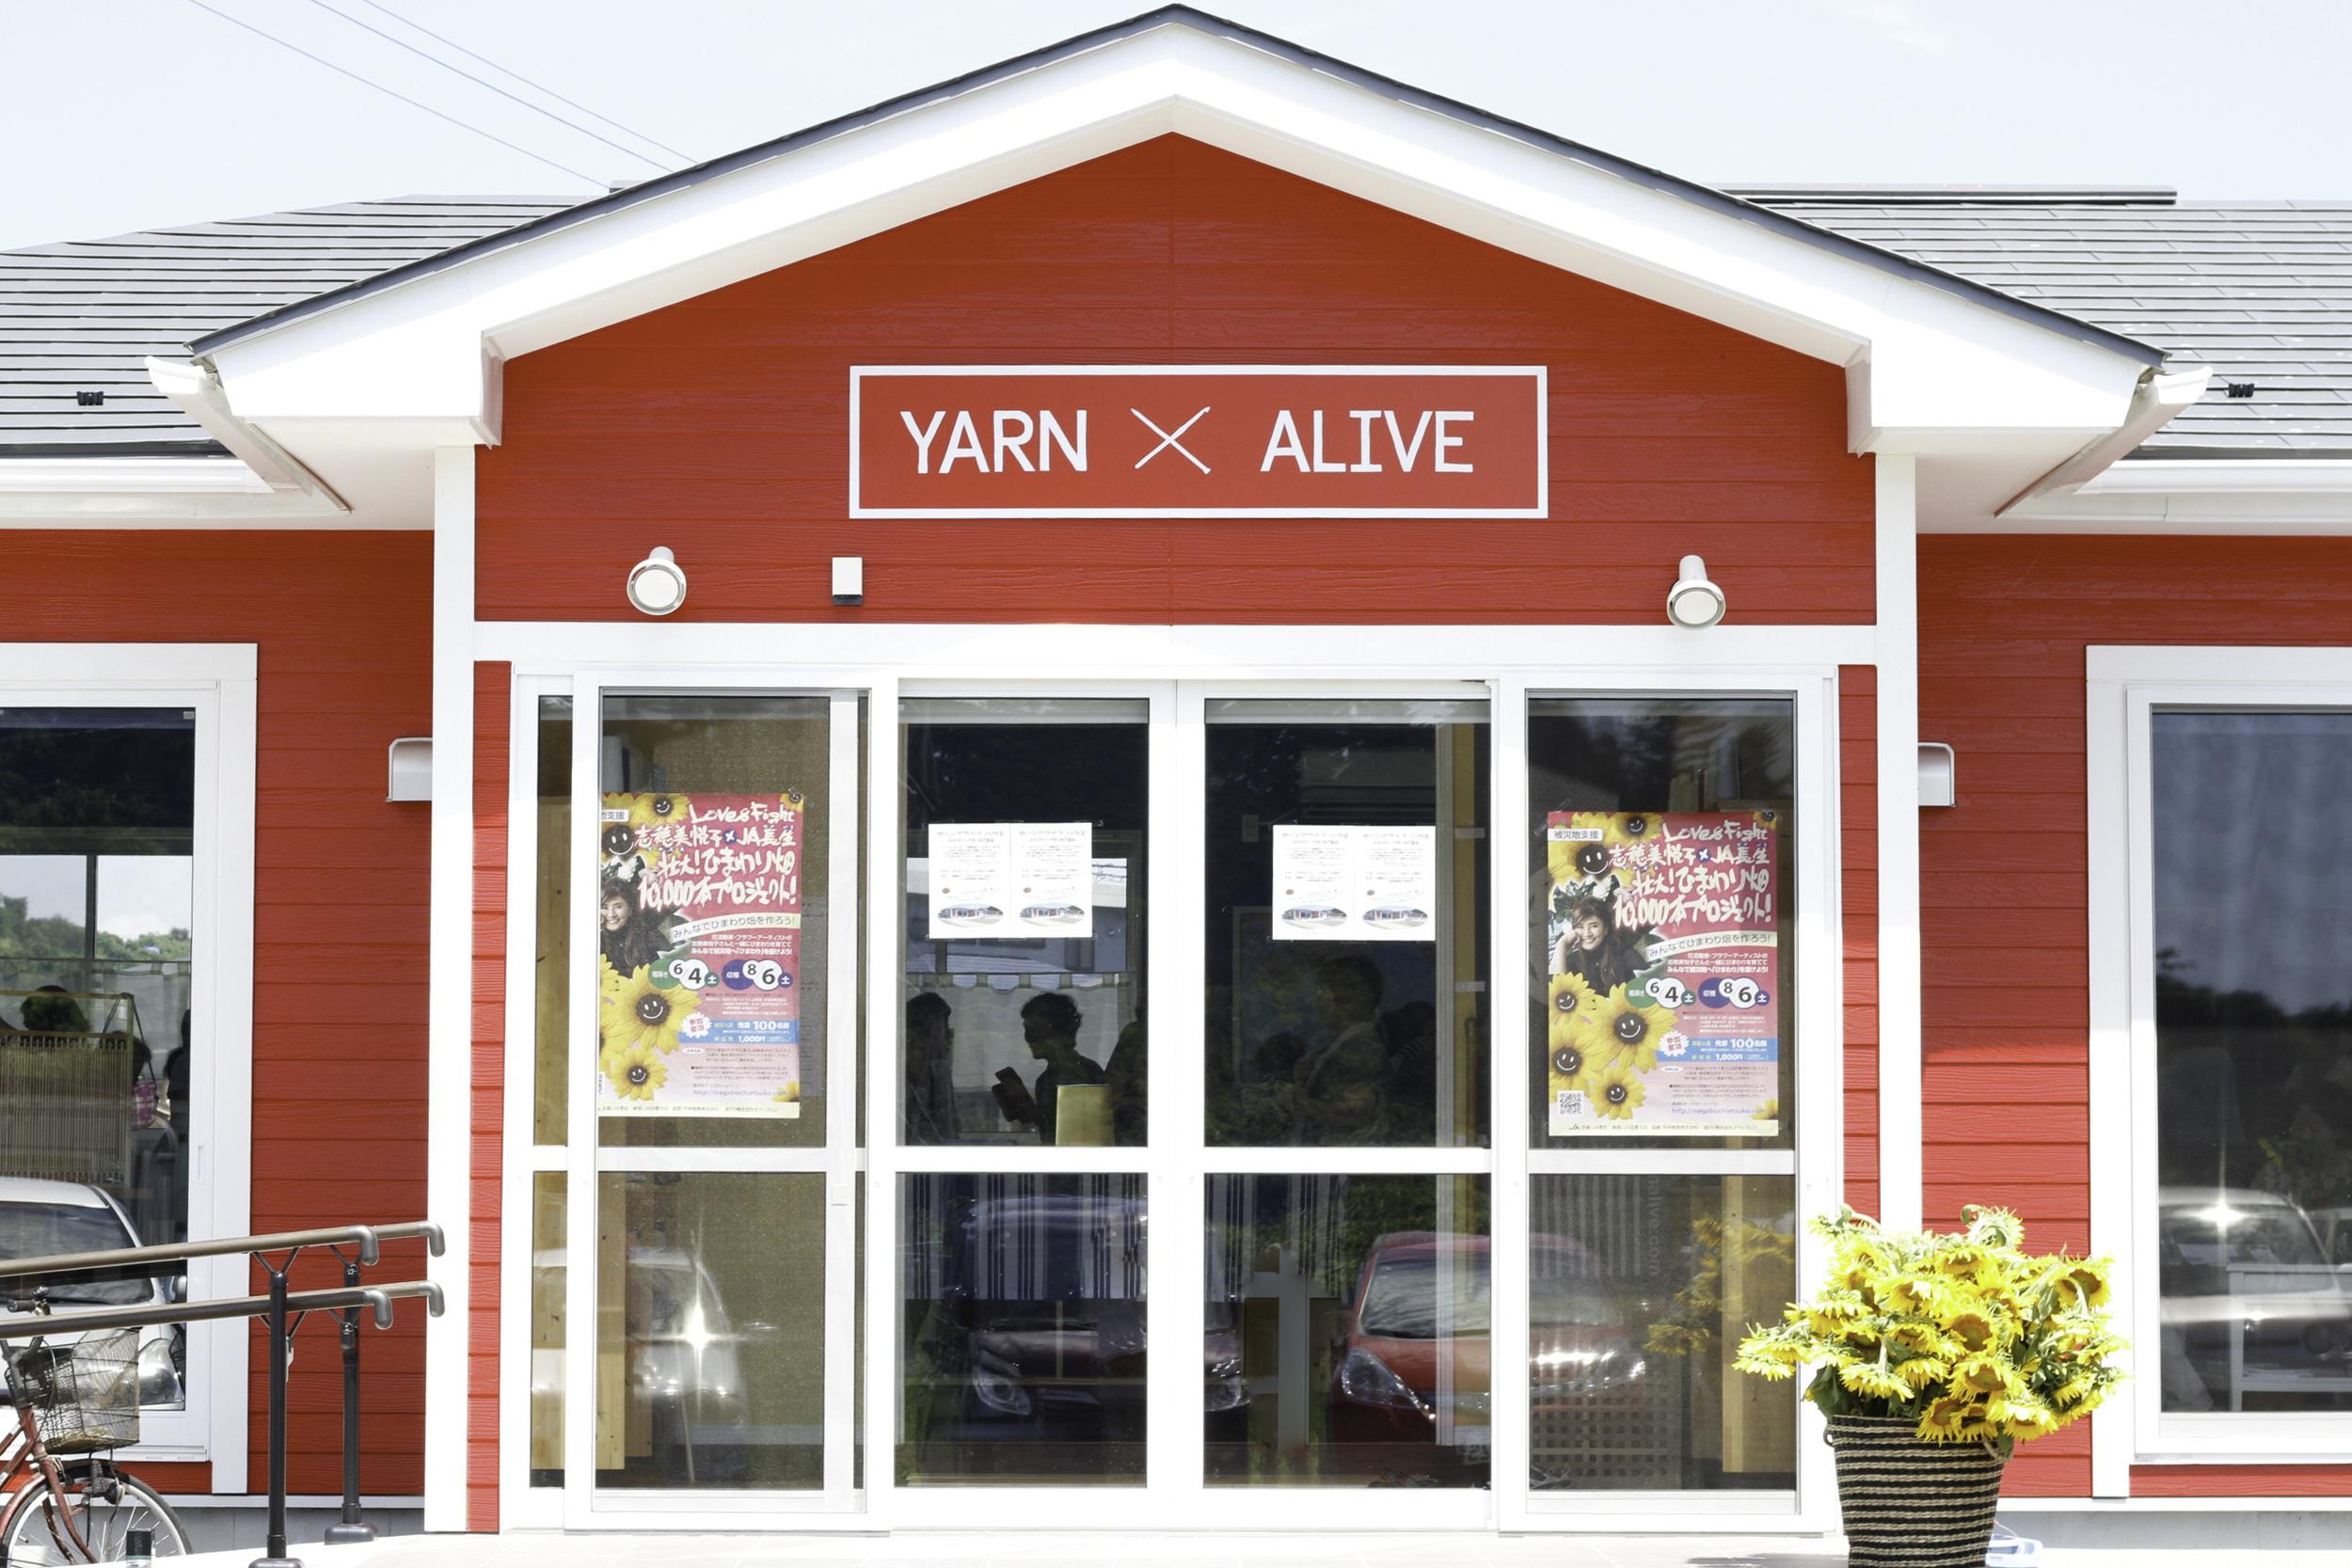 皆さんようこそ〜!Welcome to Yarn Alive House!!